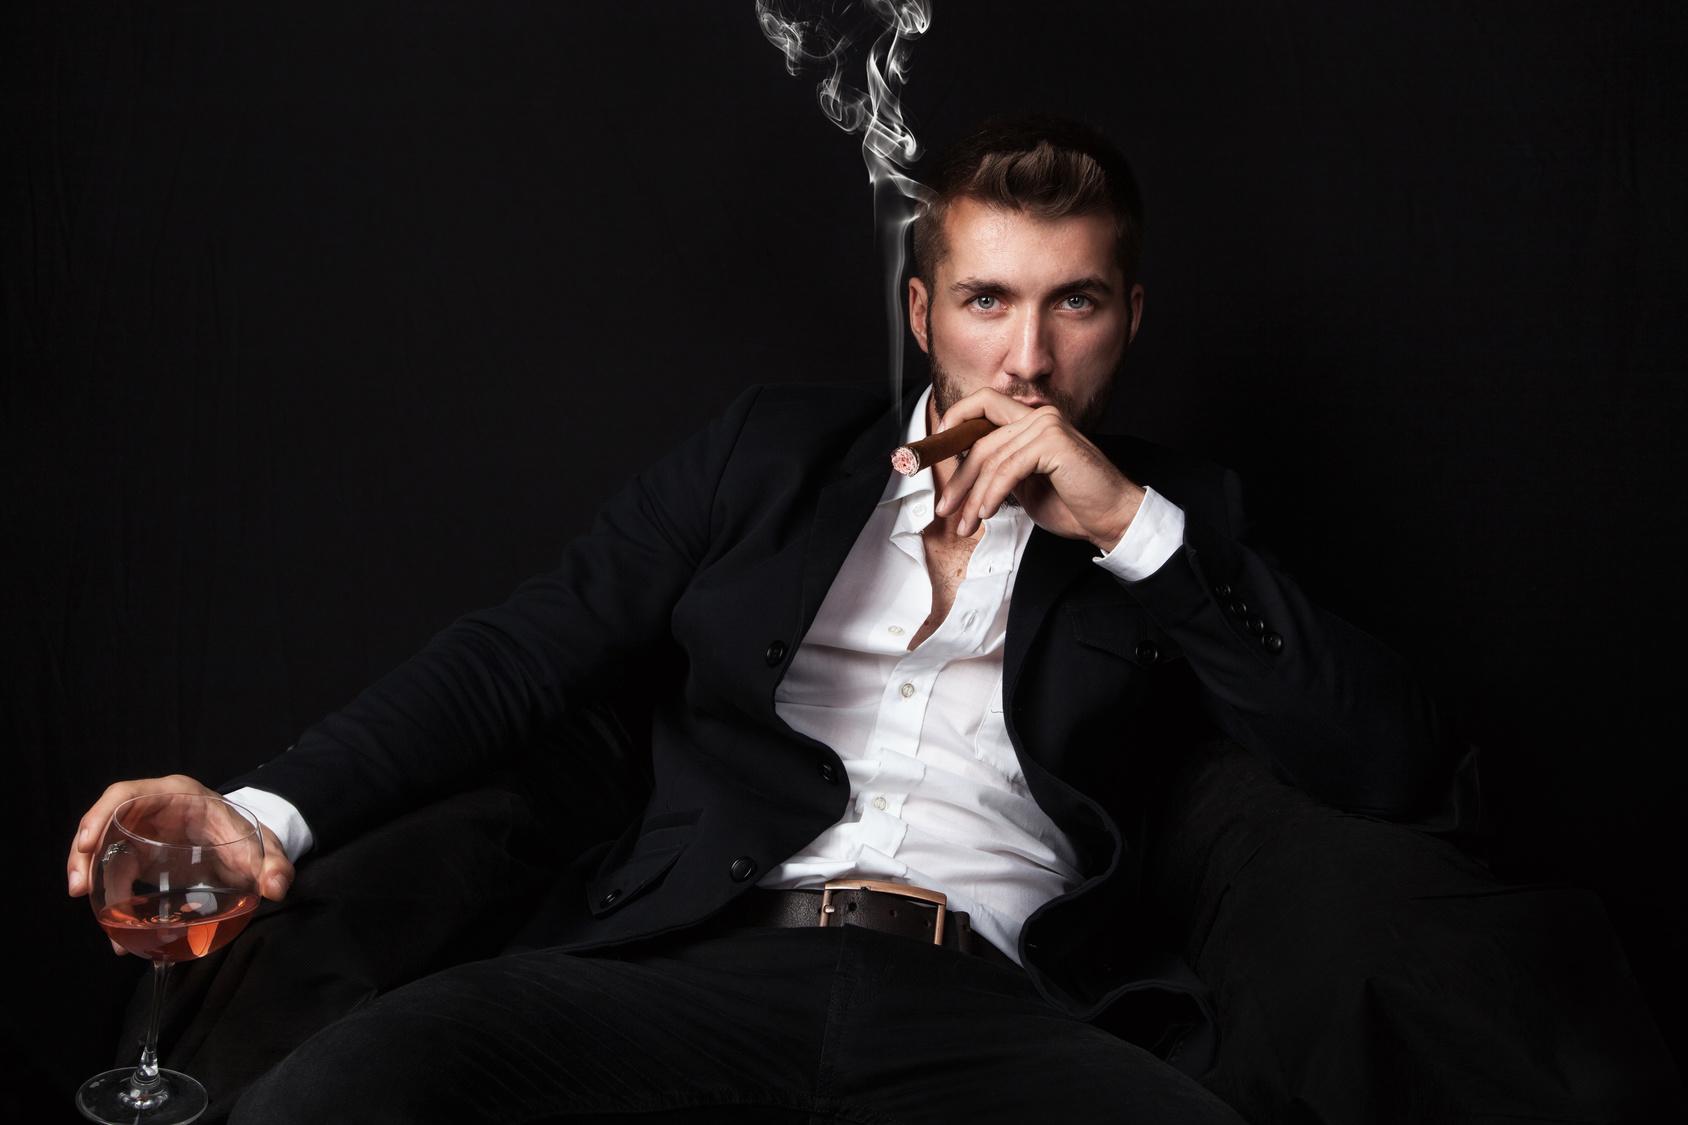 Я чувствую, что моя сигара сильно горчит. Это хорошо или плохо?